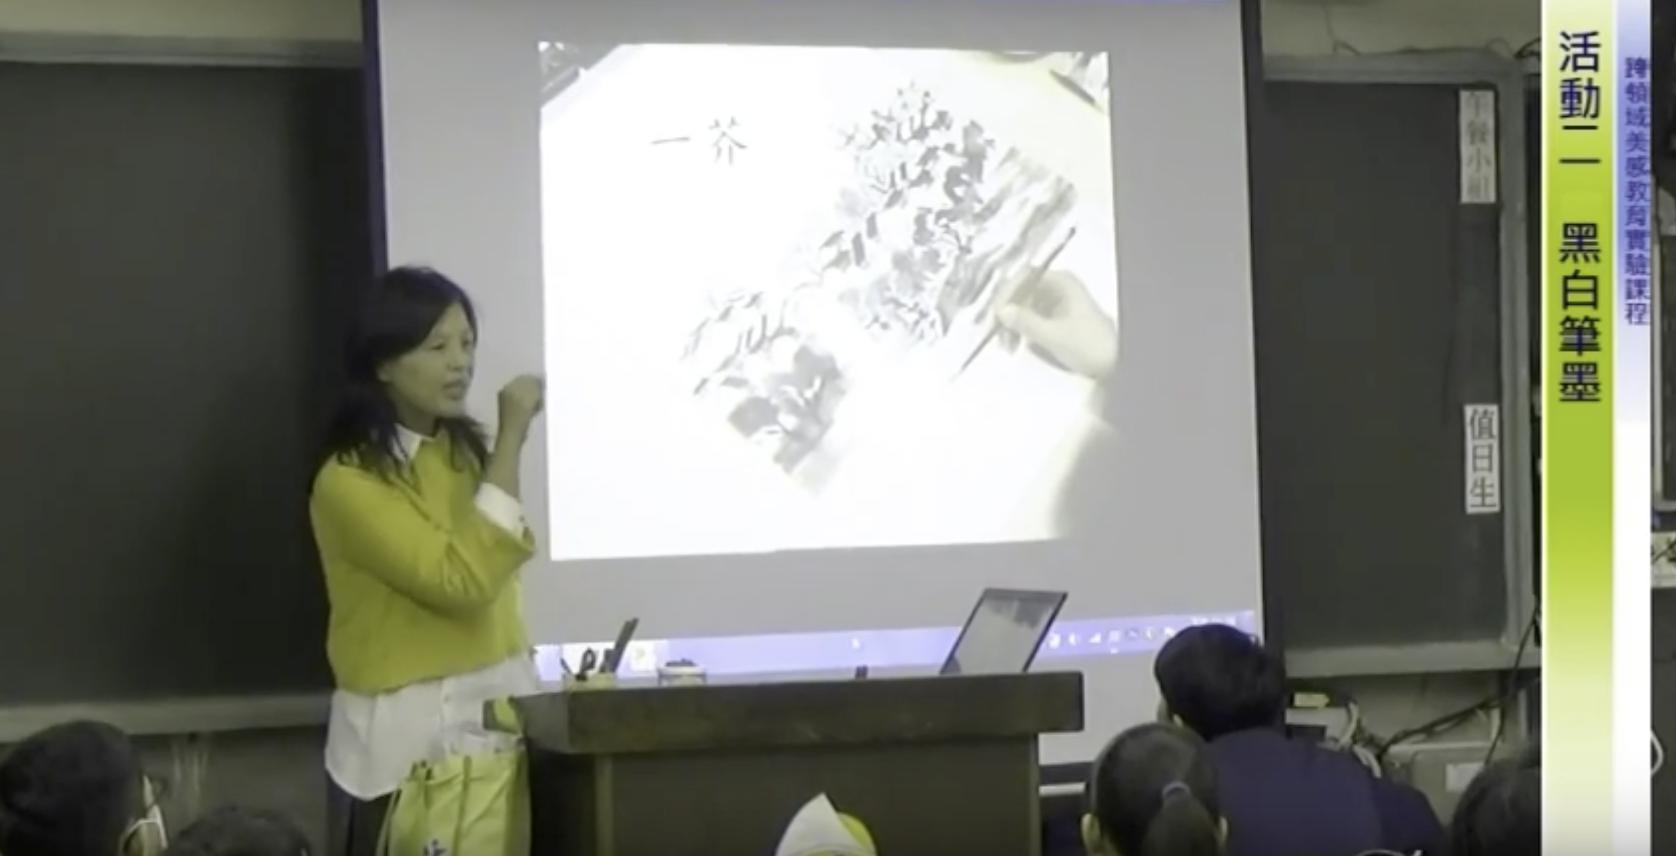 跨領域美感計畫-【新竹市立光華國民中學】105年度第一學期實驗課程影片